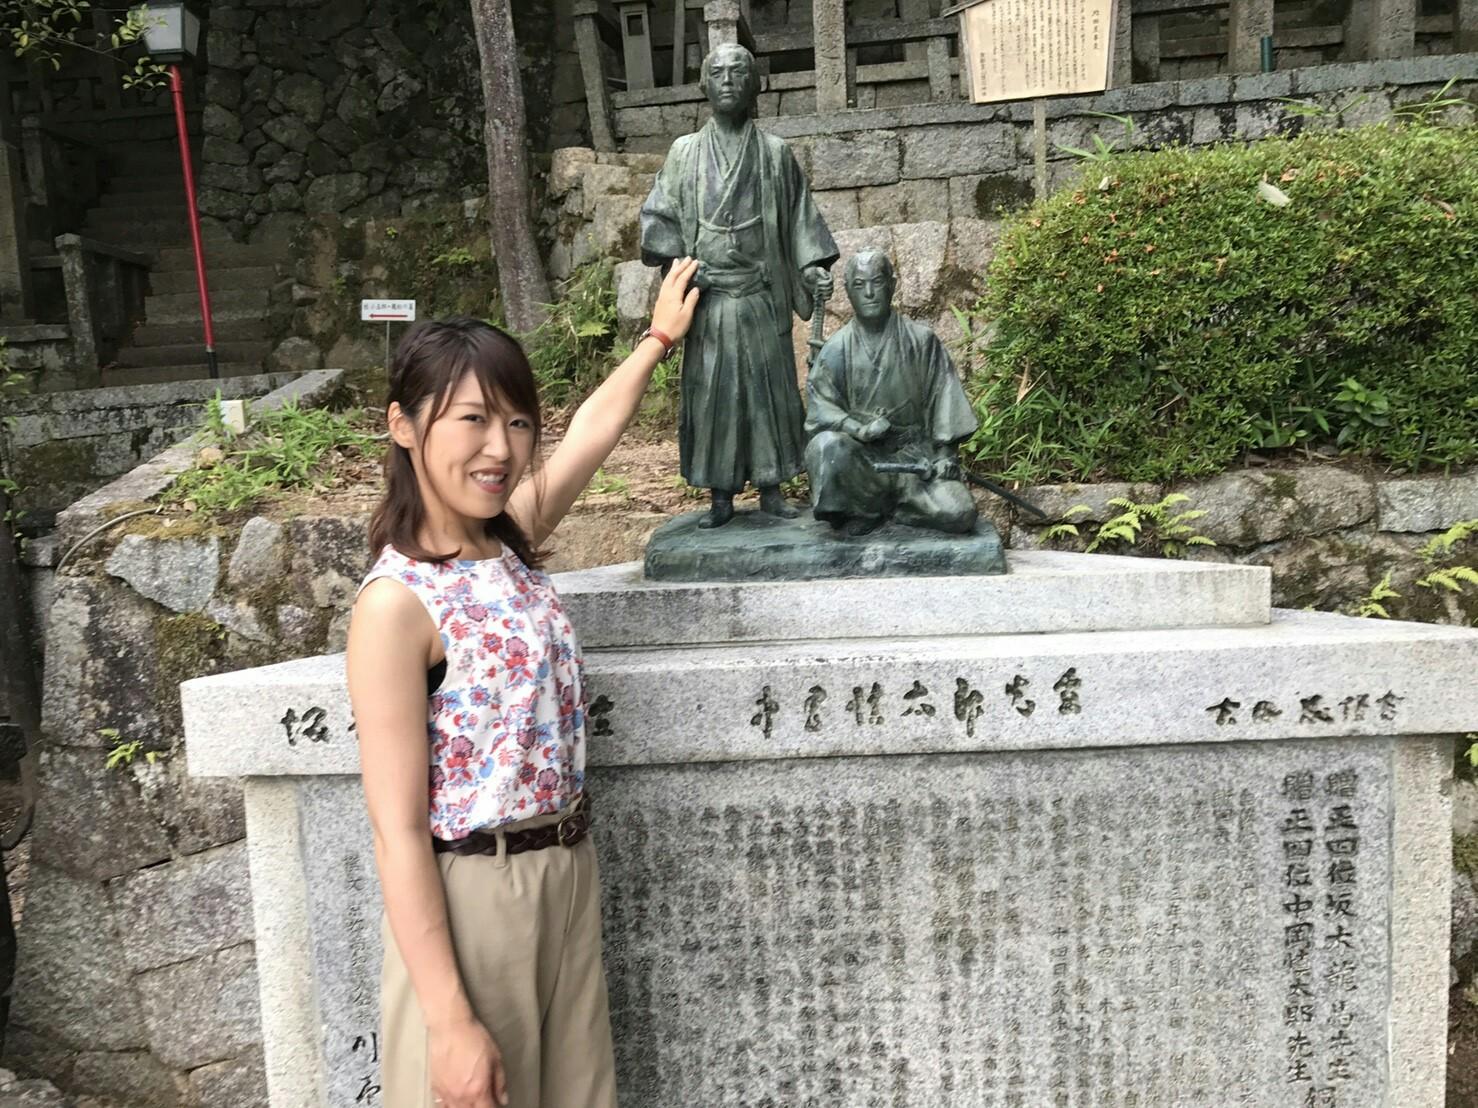 f:id:shiika-0620:20170625192822j:plain